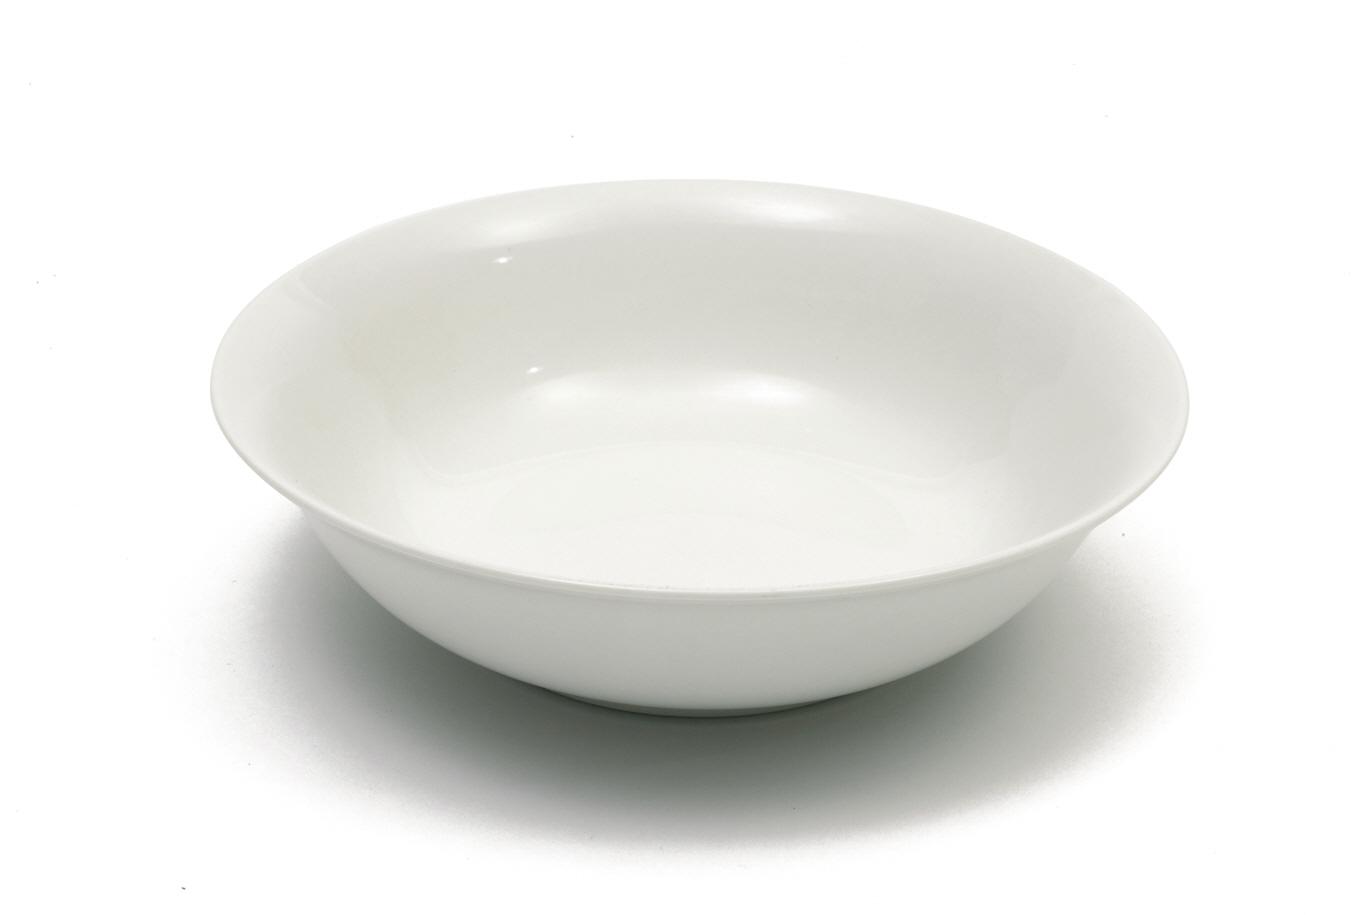 Porcelánová Miska na polévku 20 cm 4 ks White Basics - Maxwell&William